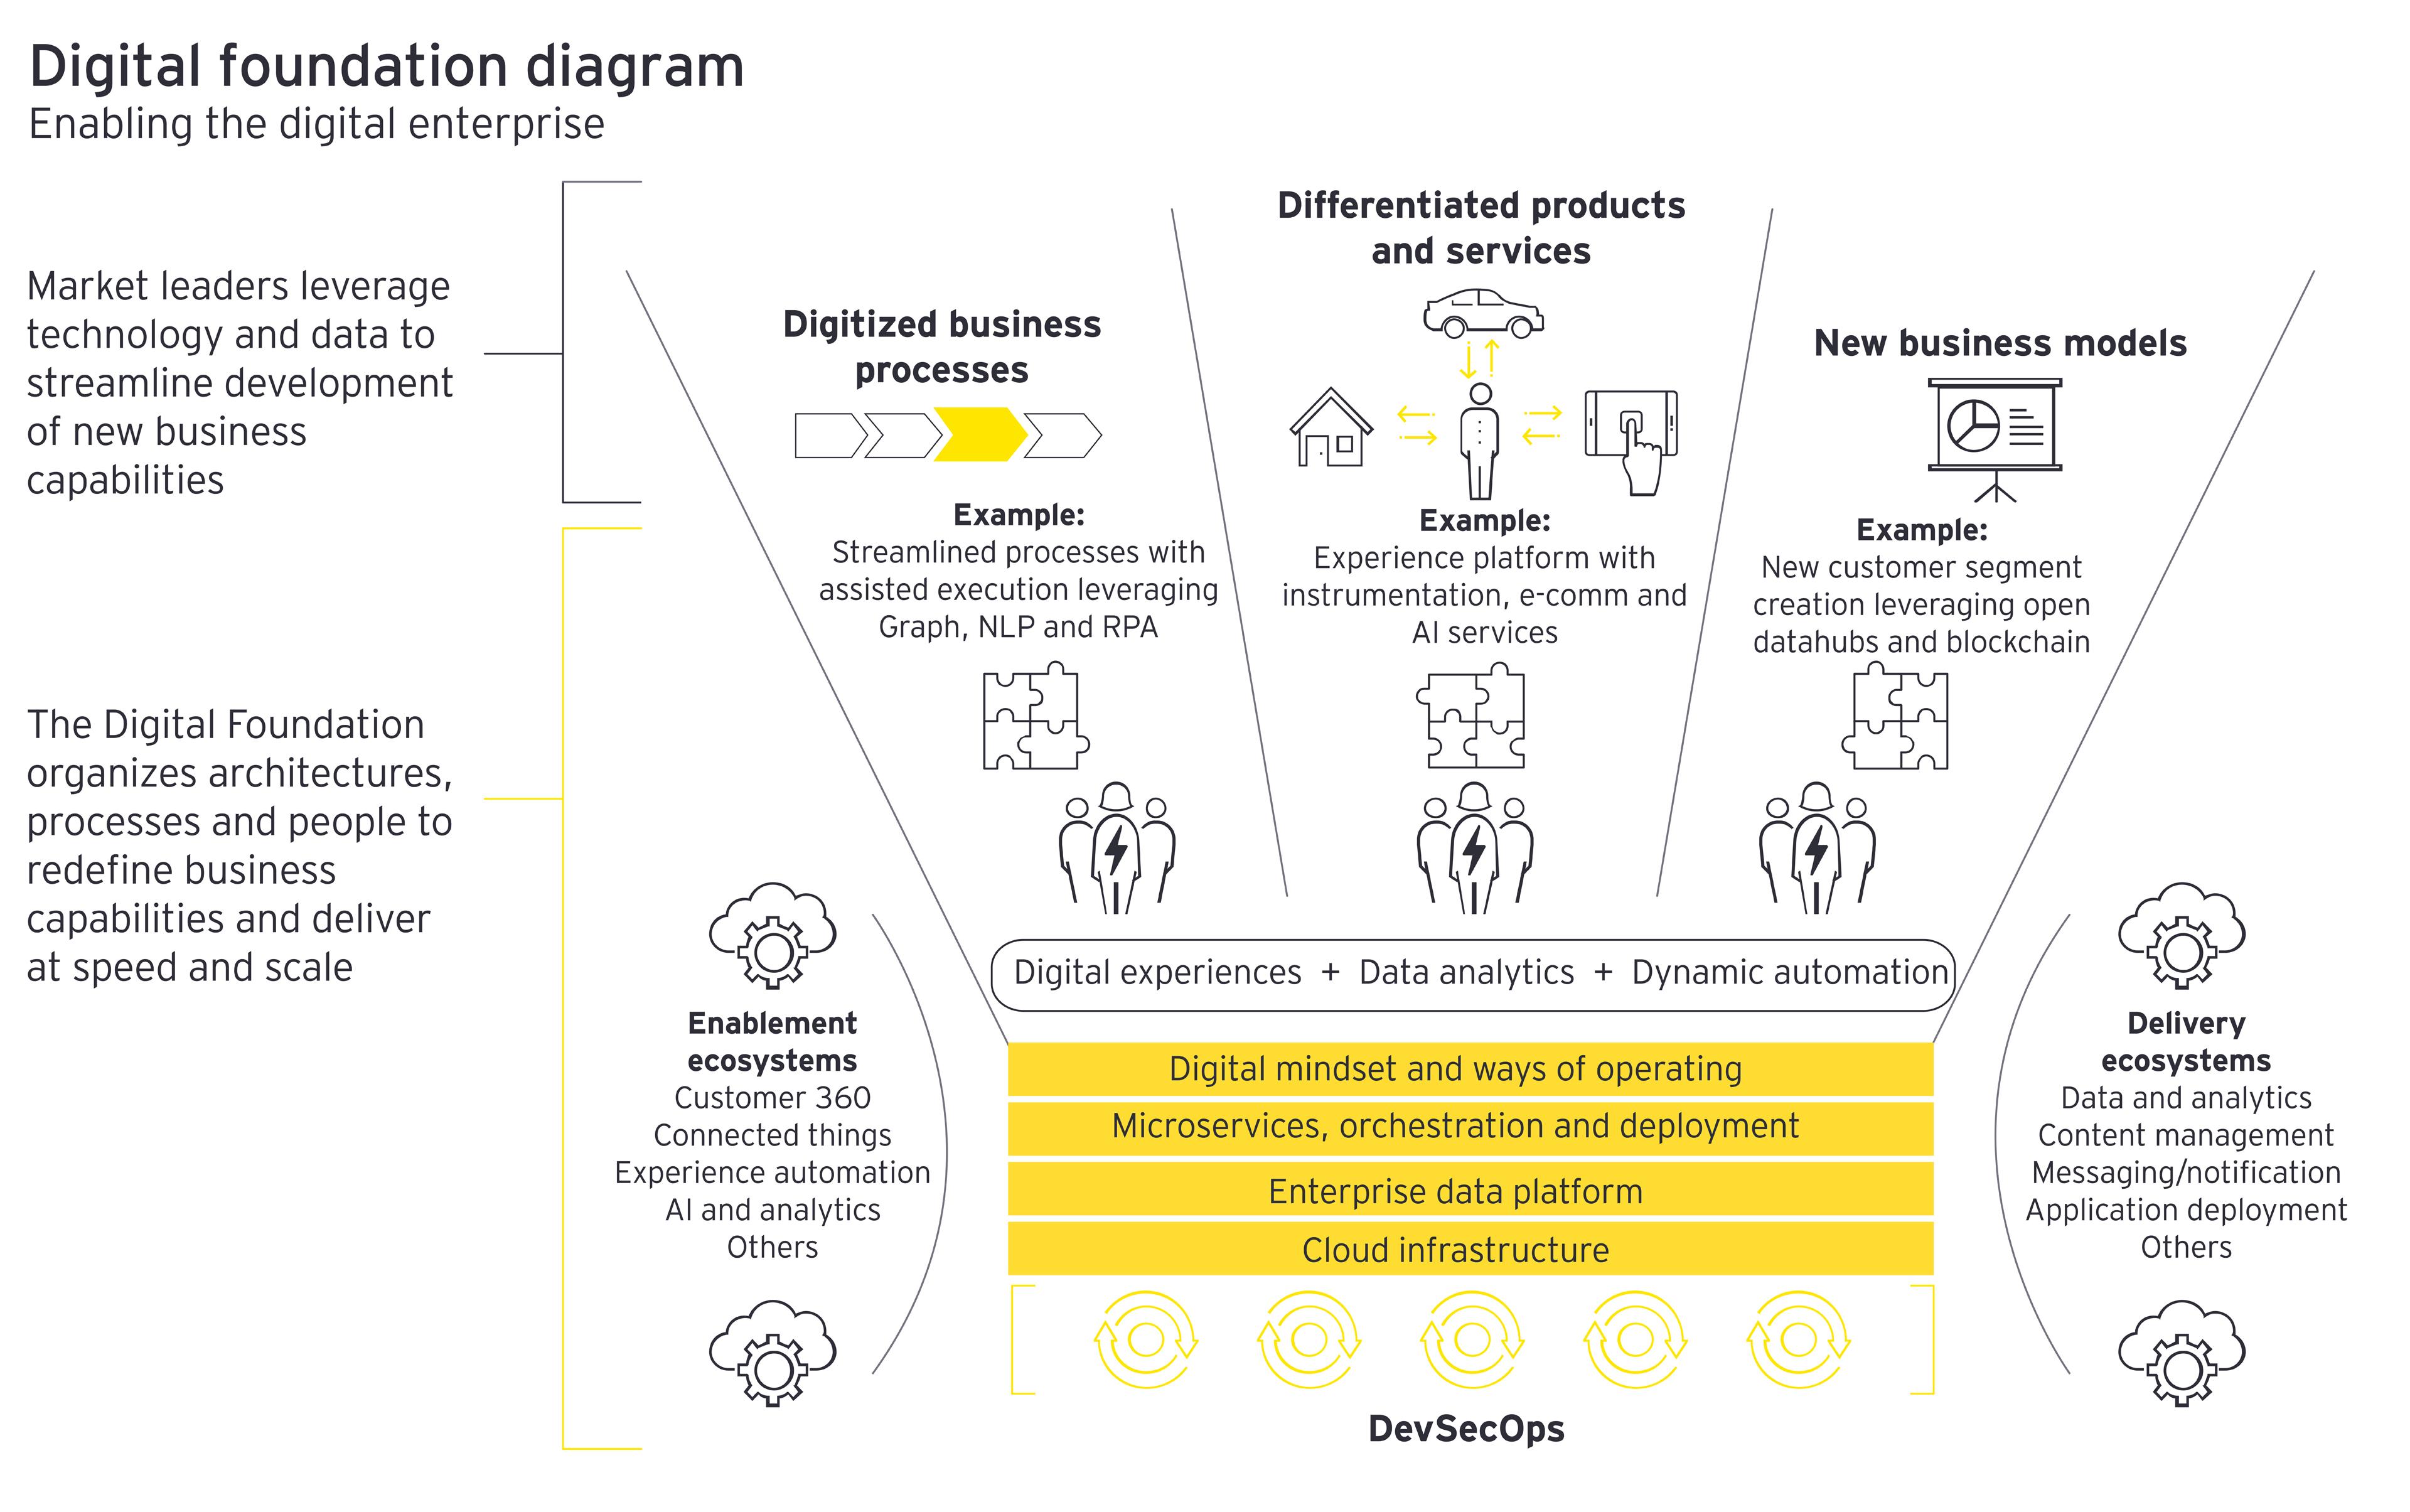 Digital foundation diagram